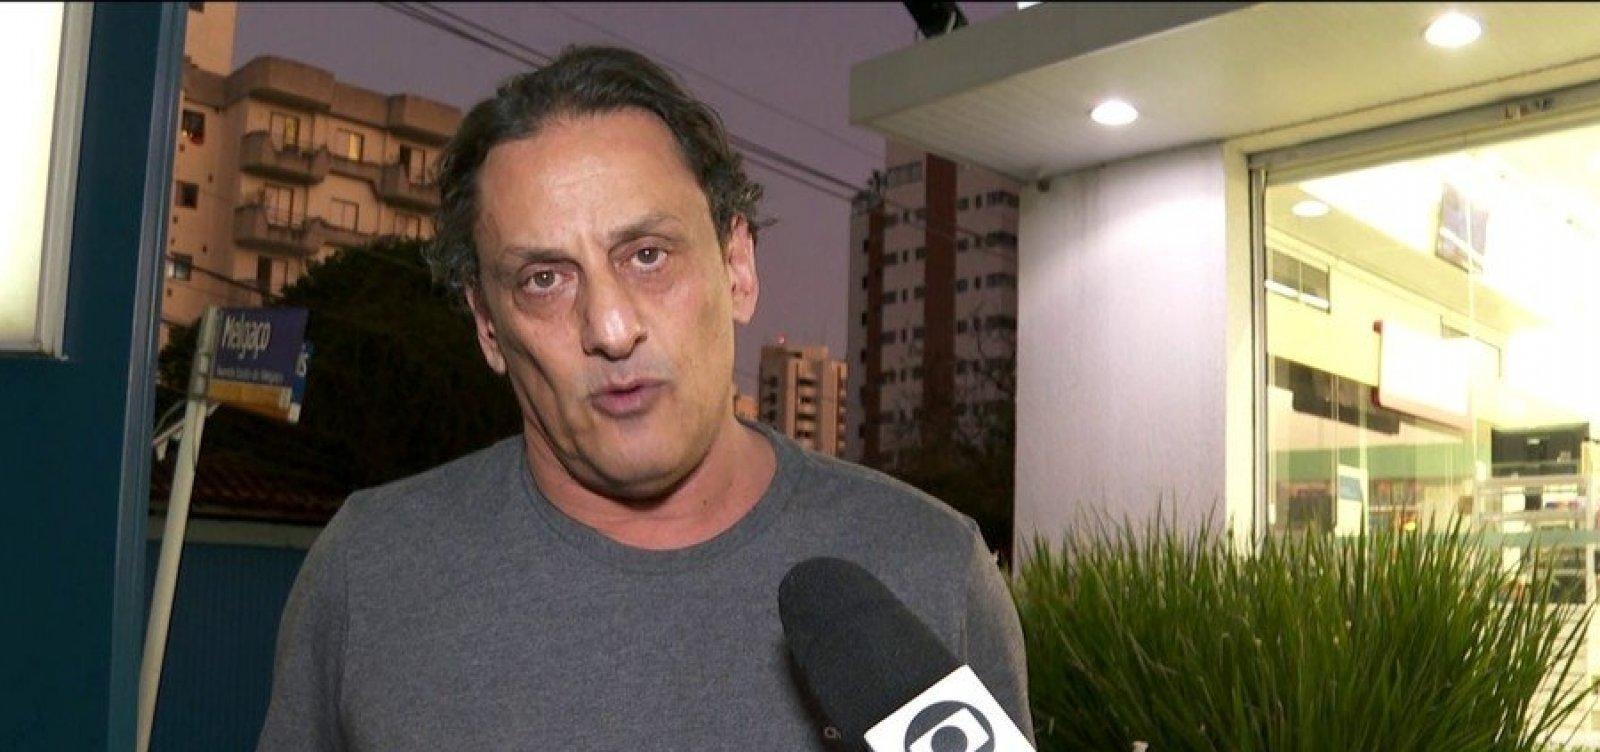 [Wassef diz que guarda 'a sete chaves' provas 'que ninguém imagina' de sua relação com Bolsonaro]